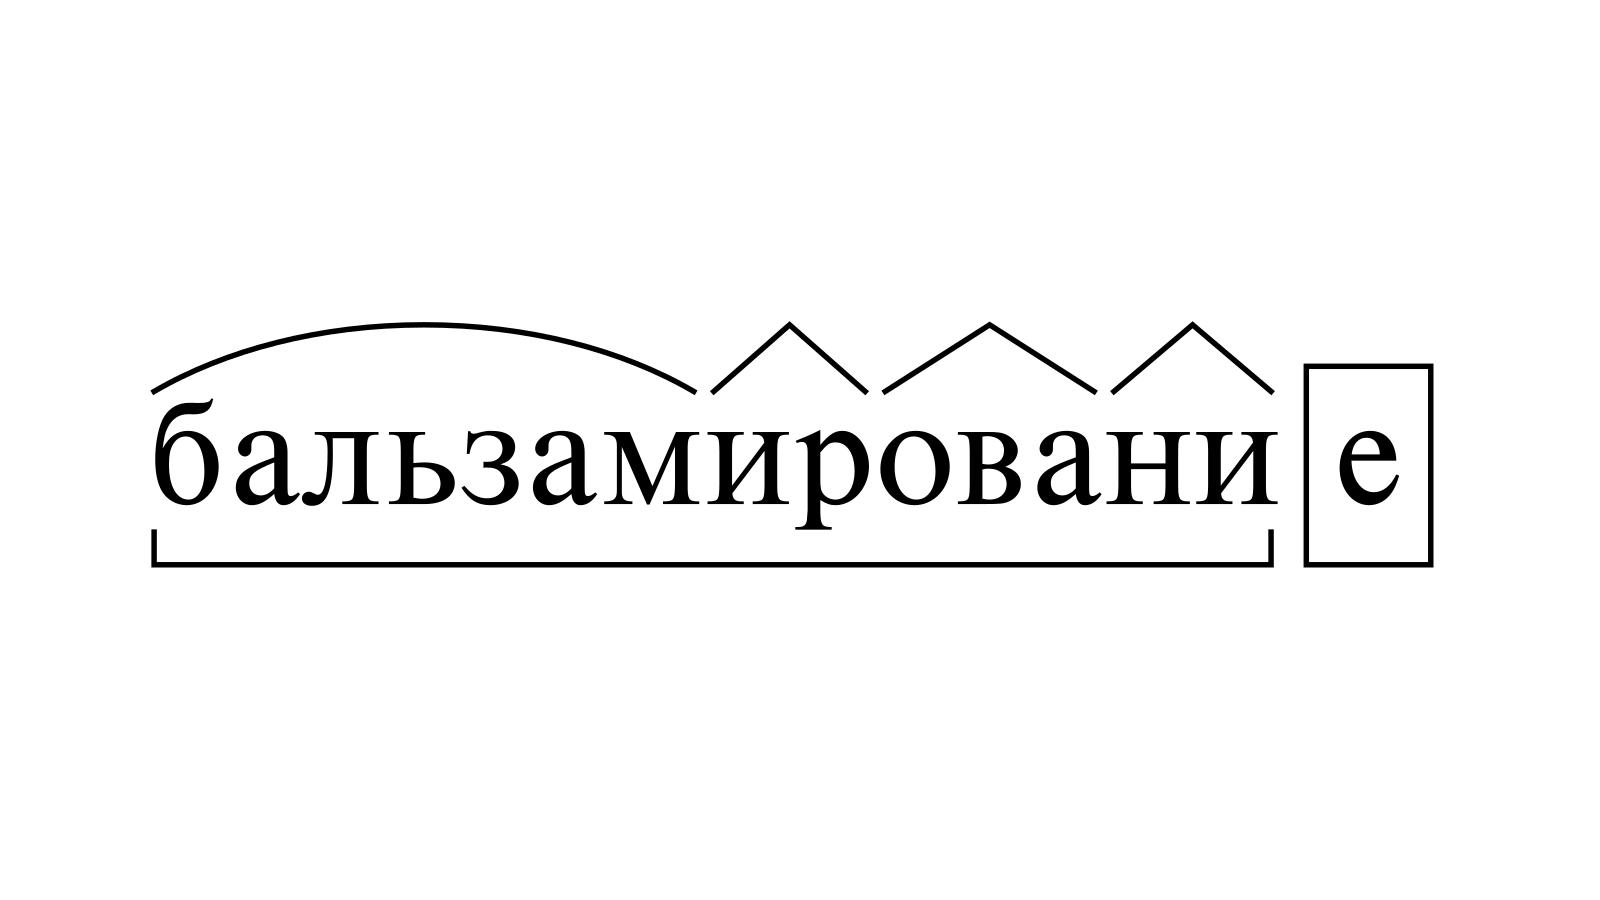 Разбор слова «бальзамирование» по составу